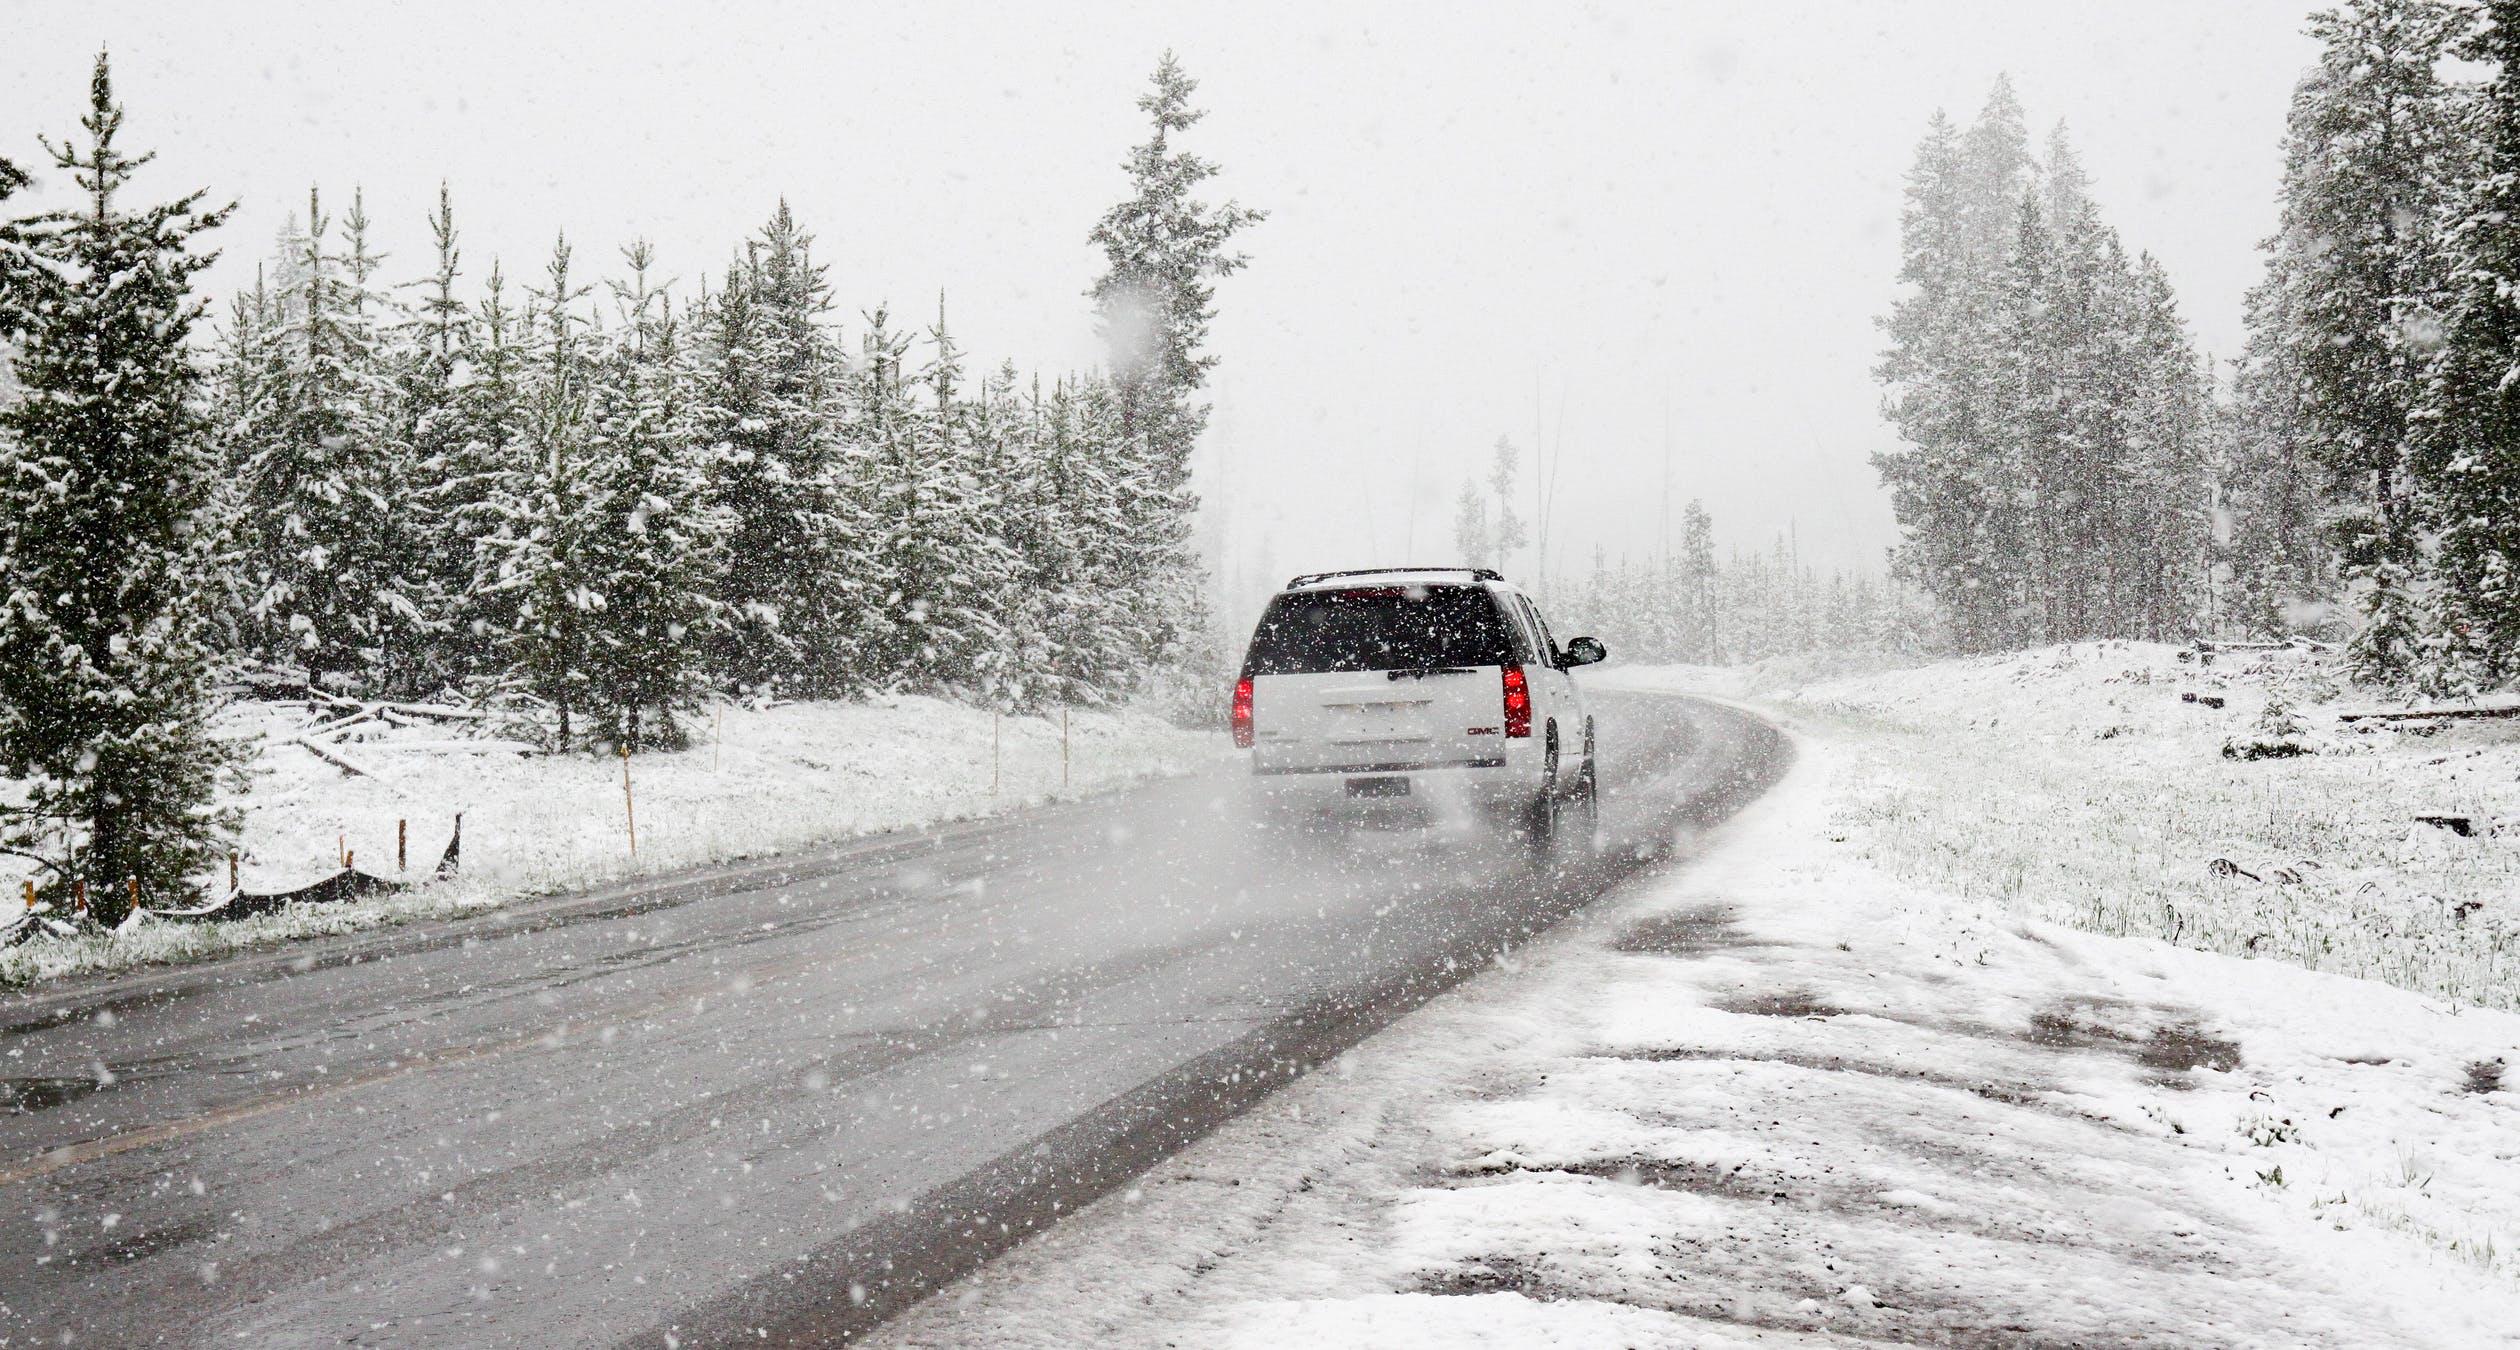 vehículo circulando con nieve - Renting Box